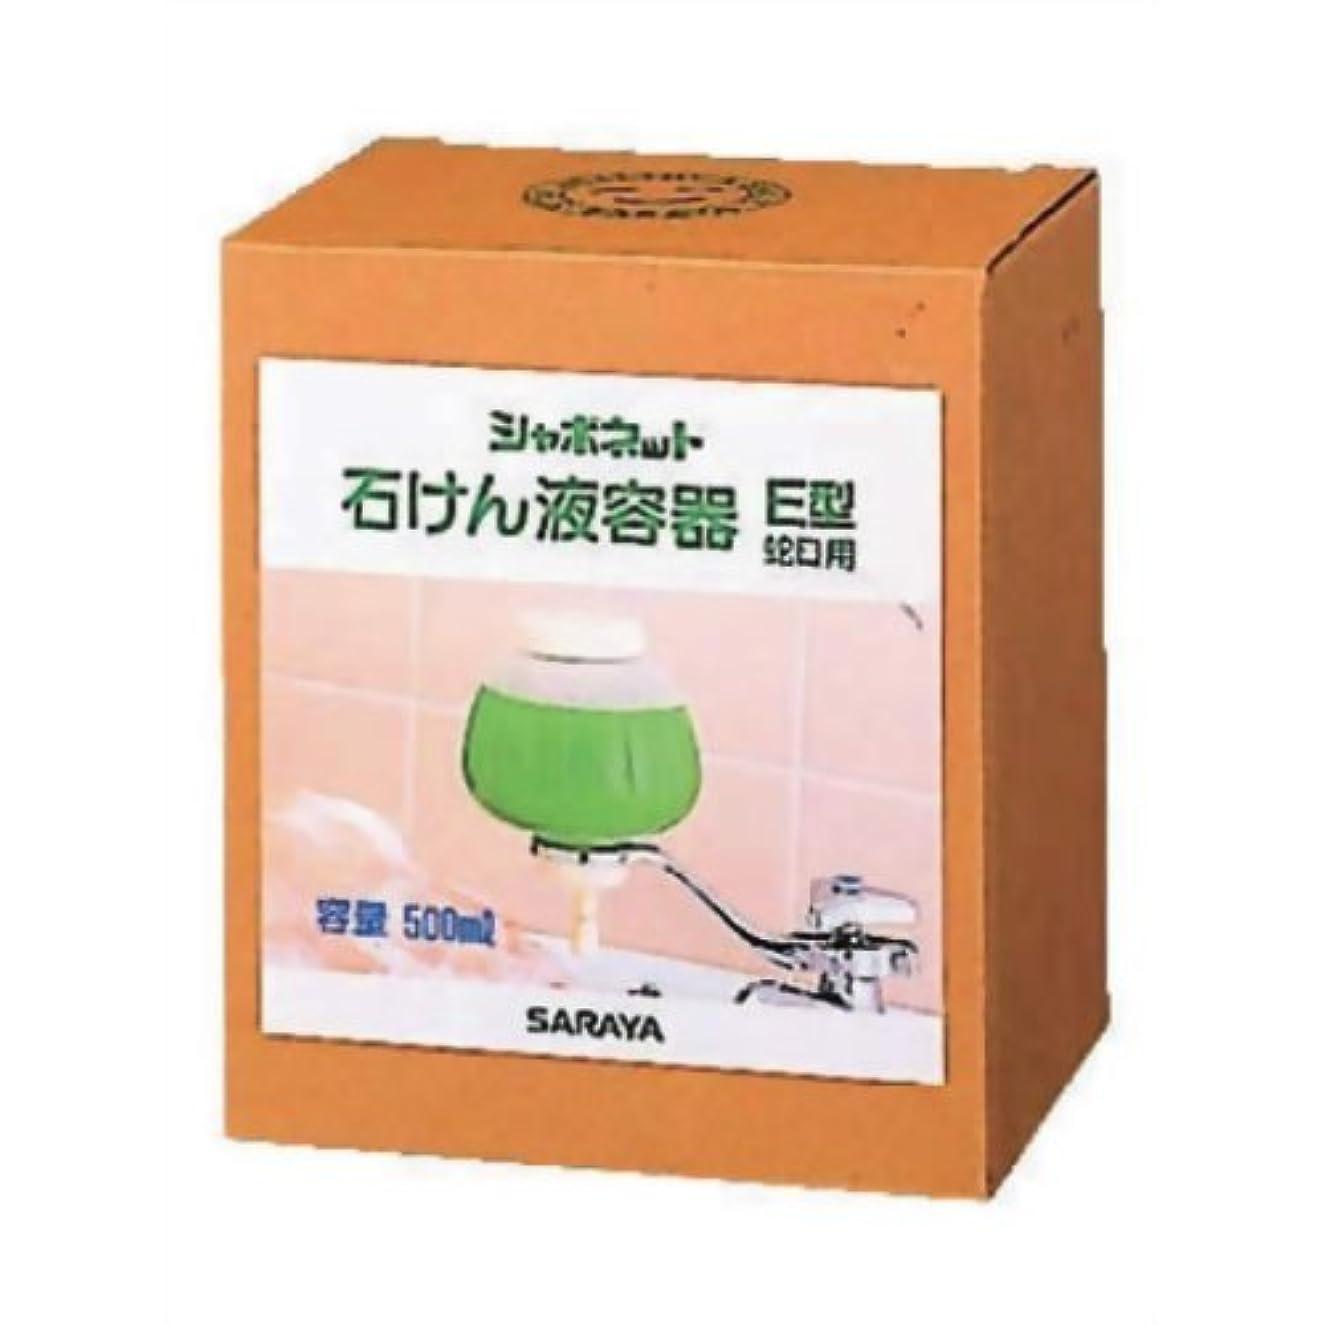 行く換気範囲シャボネット 石鹸液容器 E型蛇口用 500ml